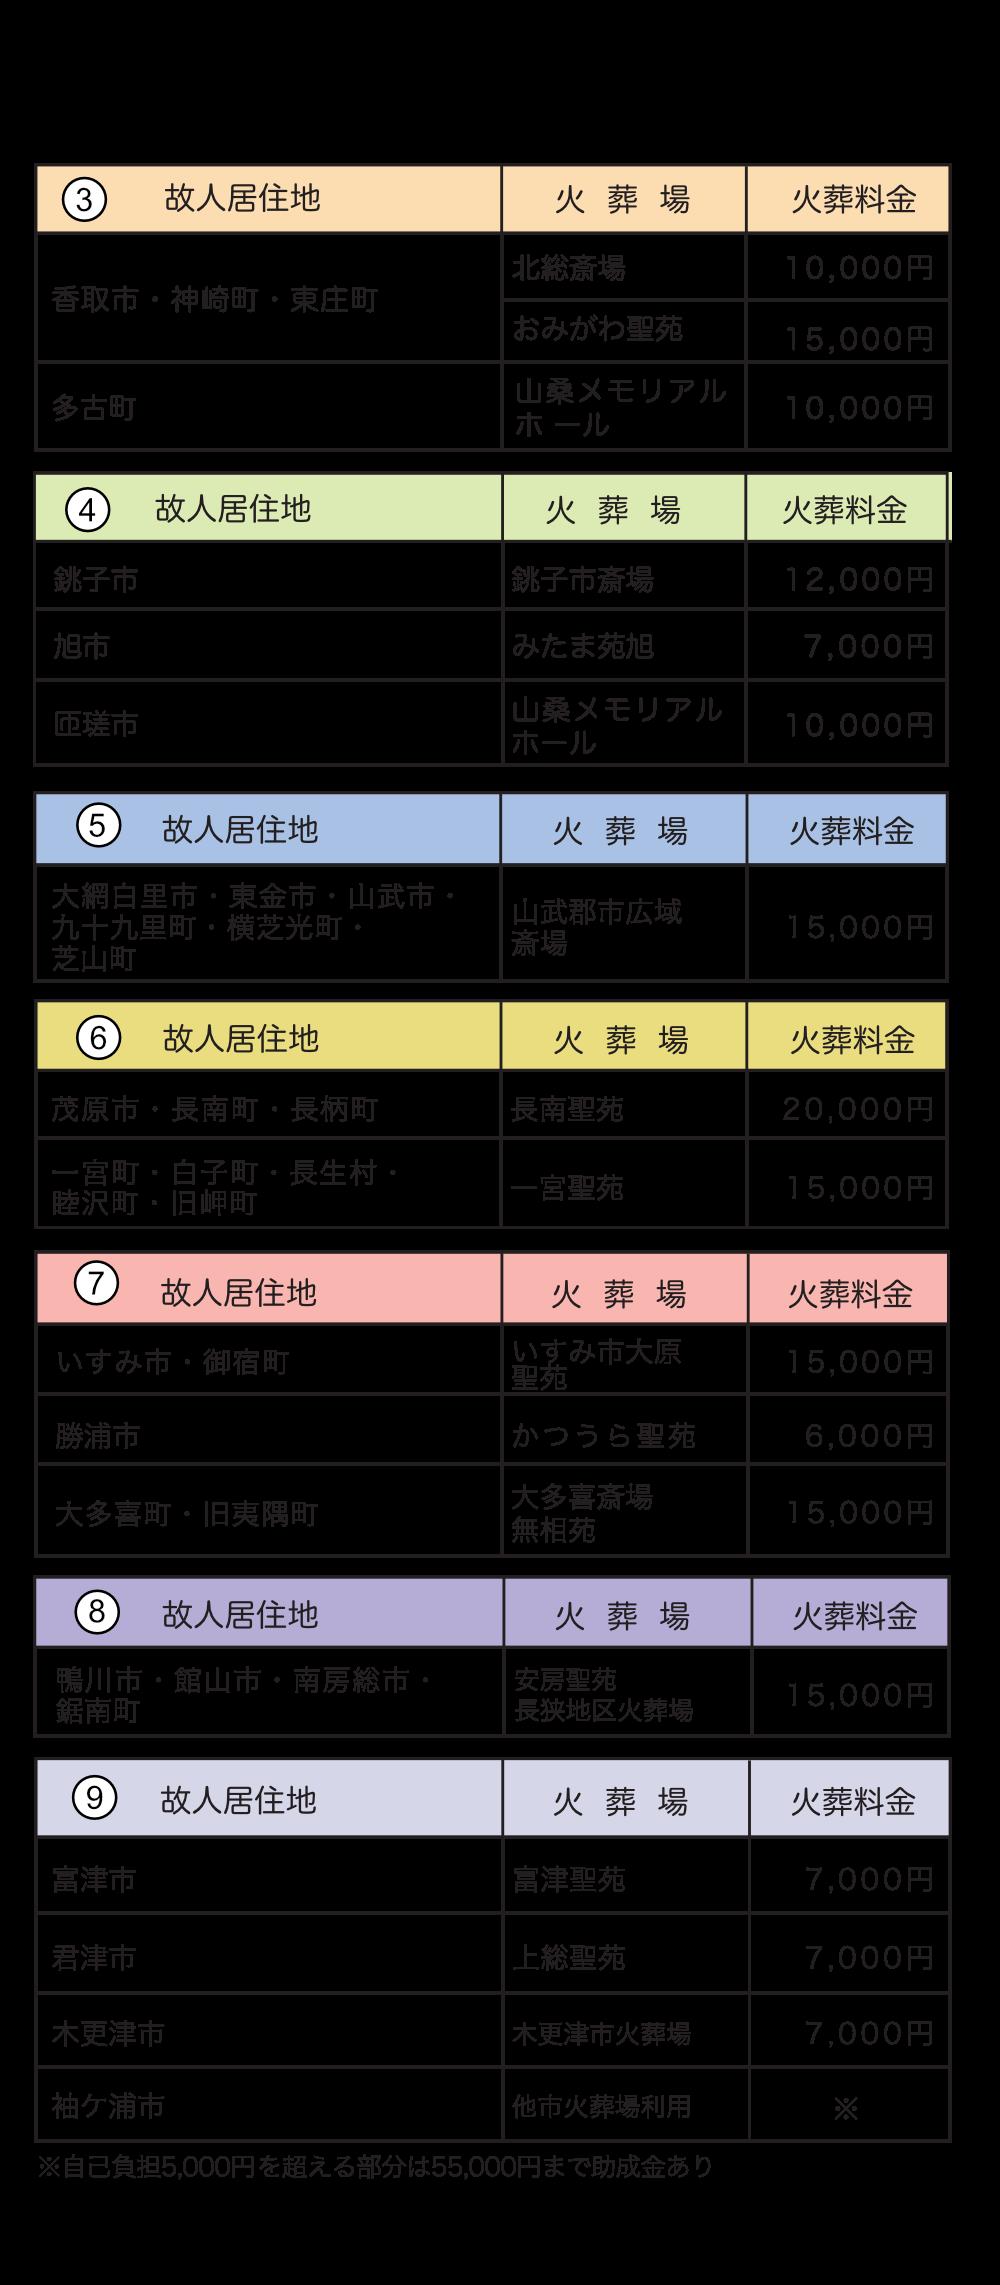 地域別火葬場の使用料金一覧表③〜⑨